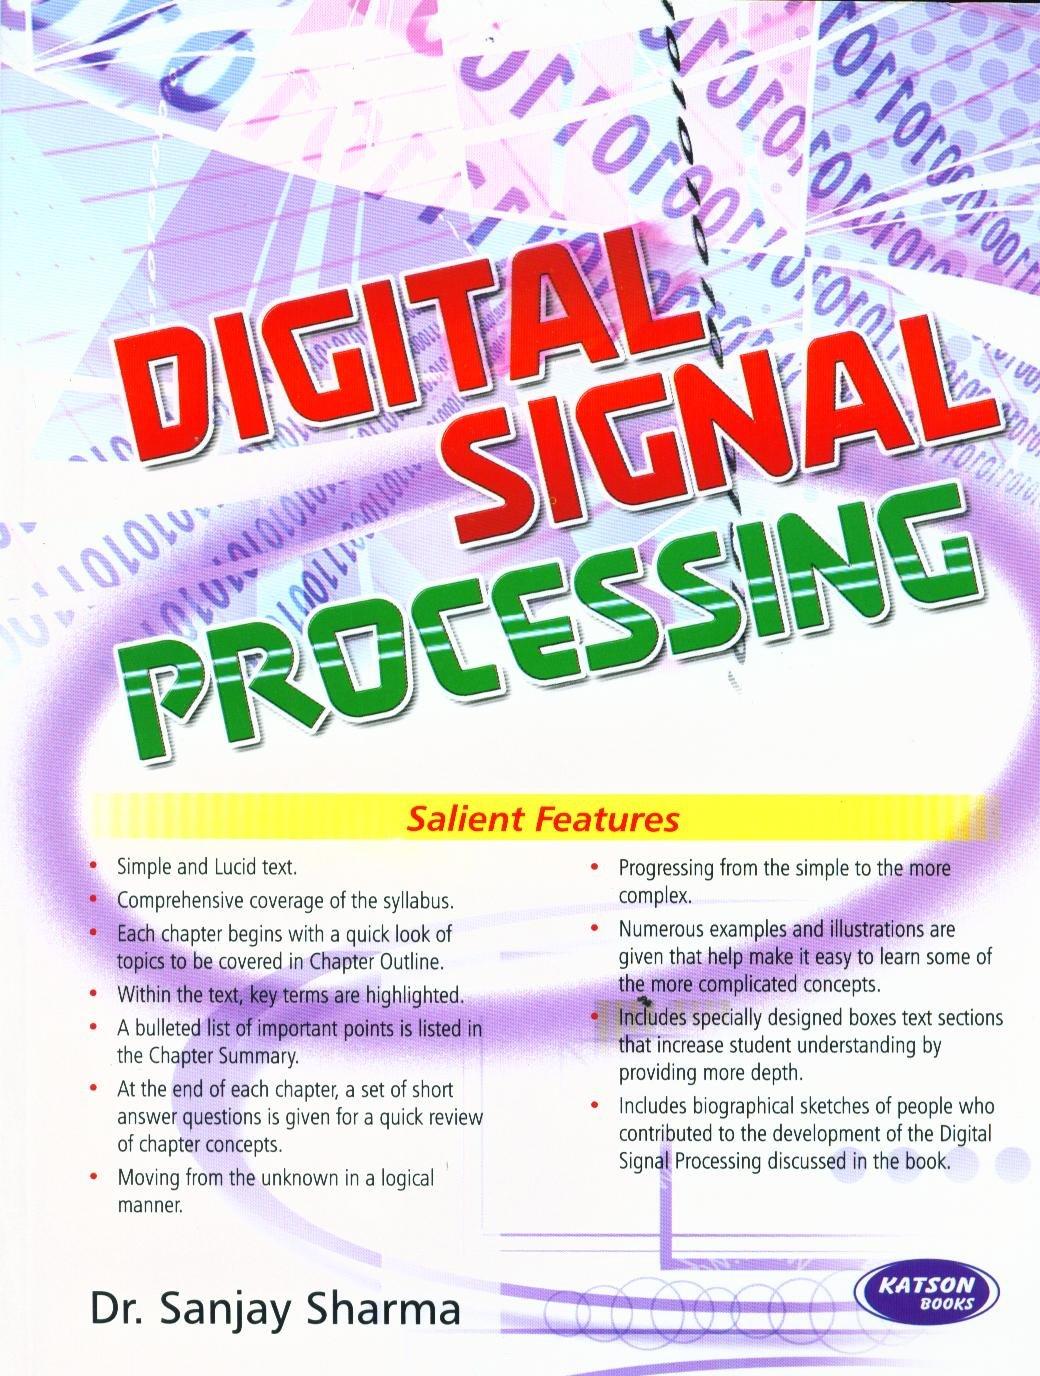 Digital Signal Processing By Sanjay Sharma Ebook